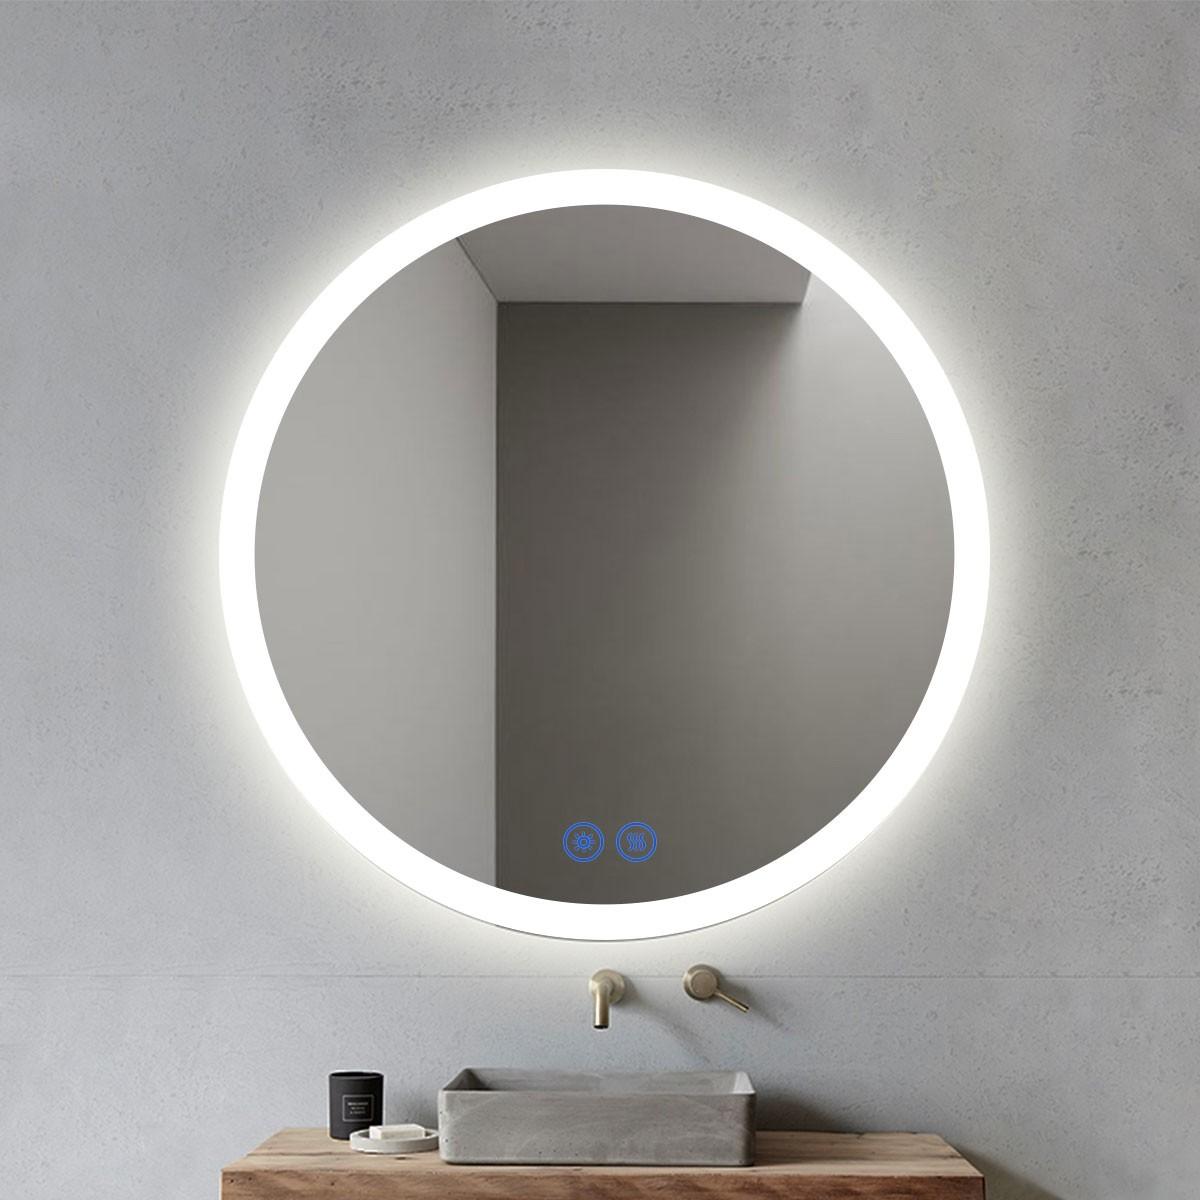 DECORAPORT 28 x 28 Po Miroir de Salle de Bain LED/Miroir Chambre avec Bouton Tactile, Anti-Buée, Luminosité Réglable, Montage Vertical & Horizontal (YT02-2828)